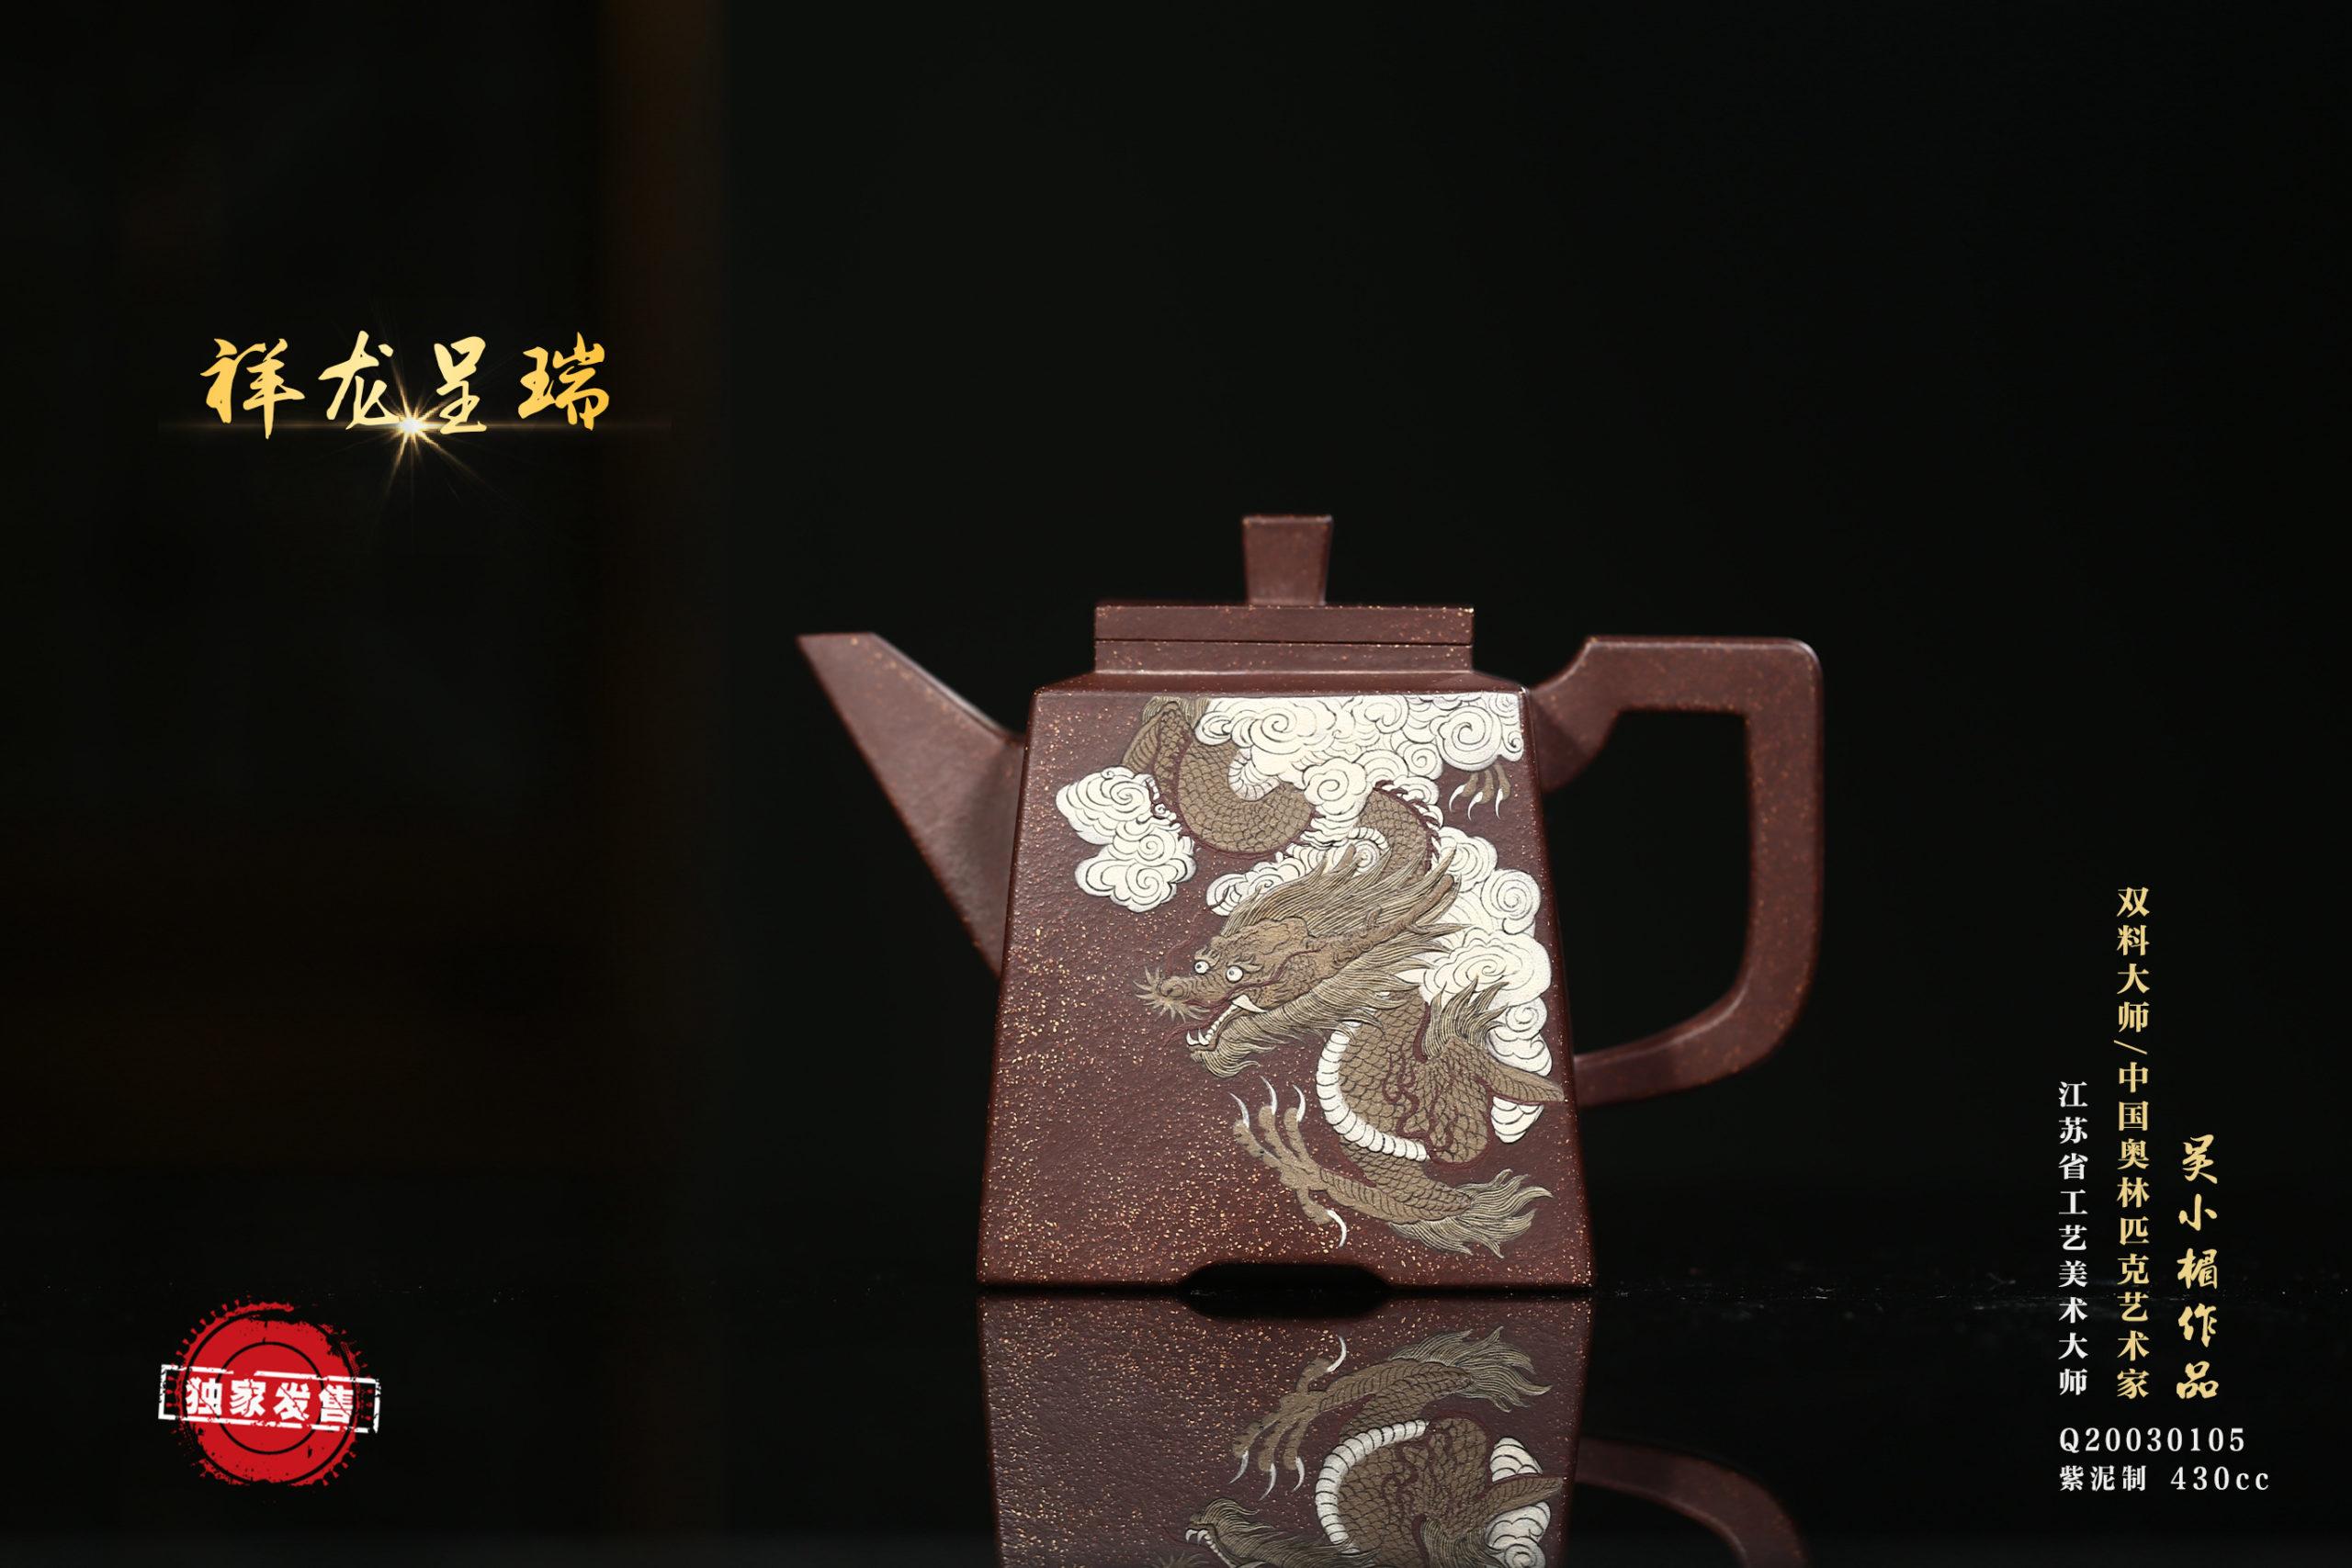 紫砂鉴赏丨吴小楣·祥龙呈瑞壶